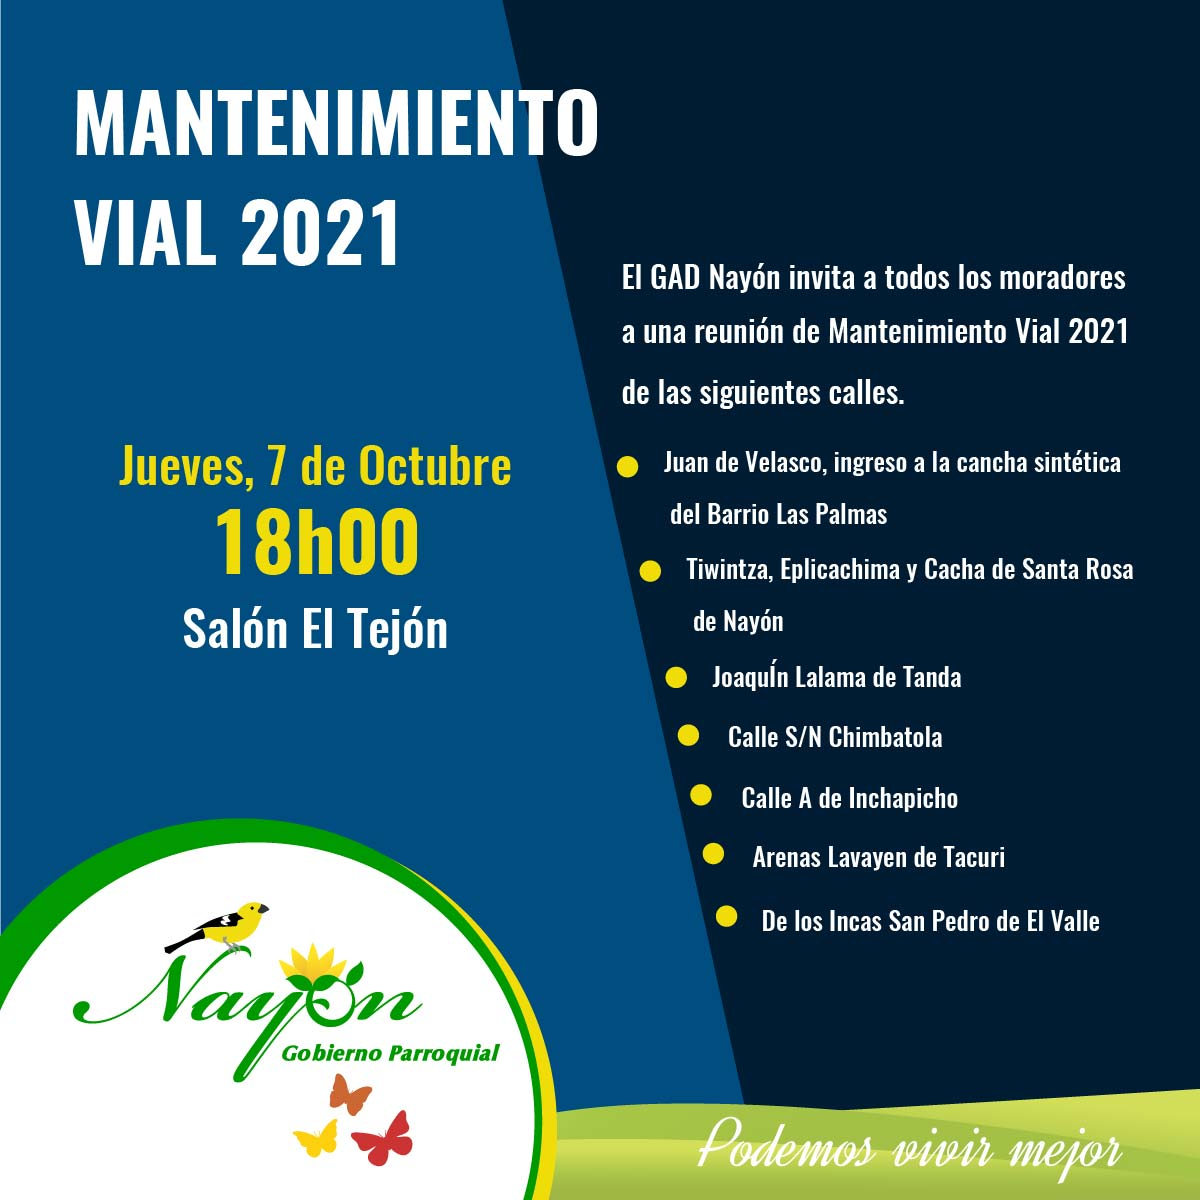 Mantenimiento Vial 2021